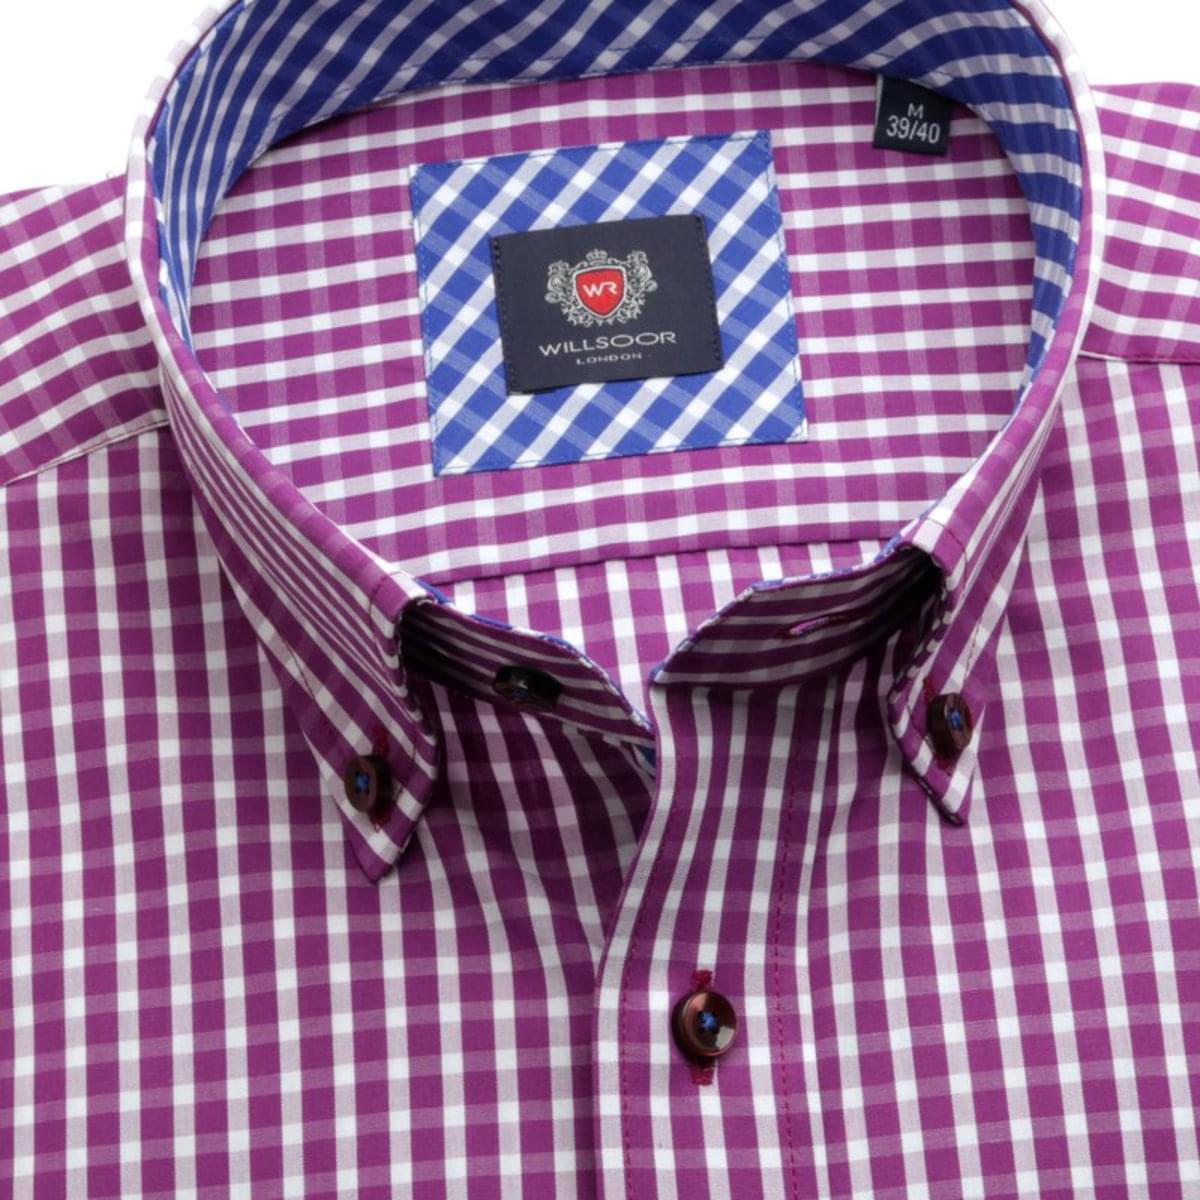 Pánská slim fit košile London (výška 188-194) 7547 s kostkou a úpravou easy care 188-194 / L (41/42)